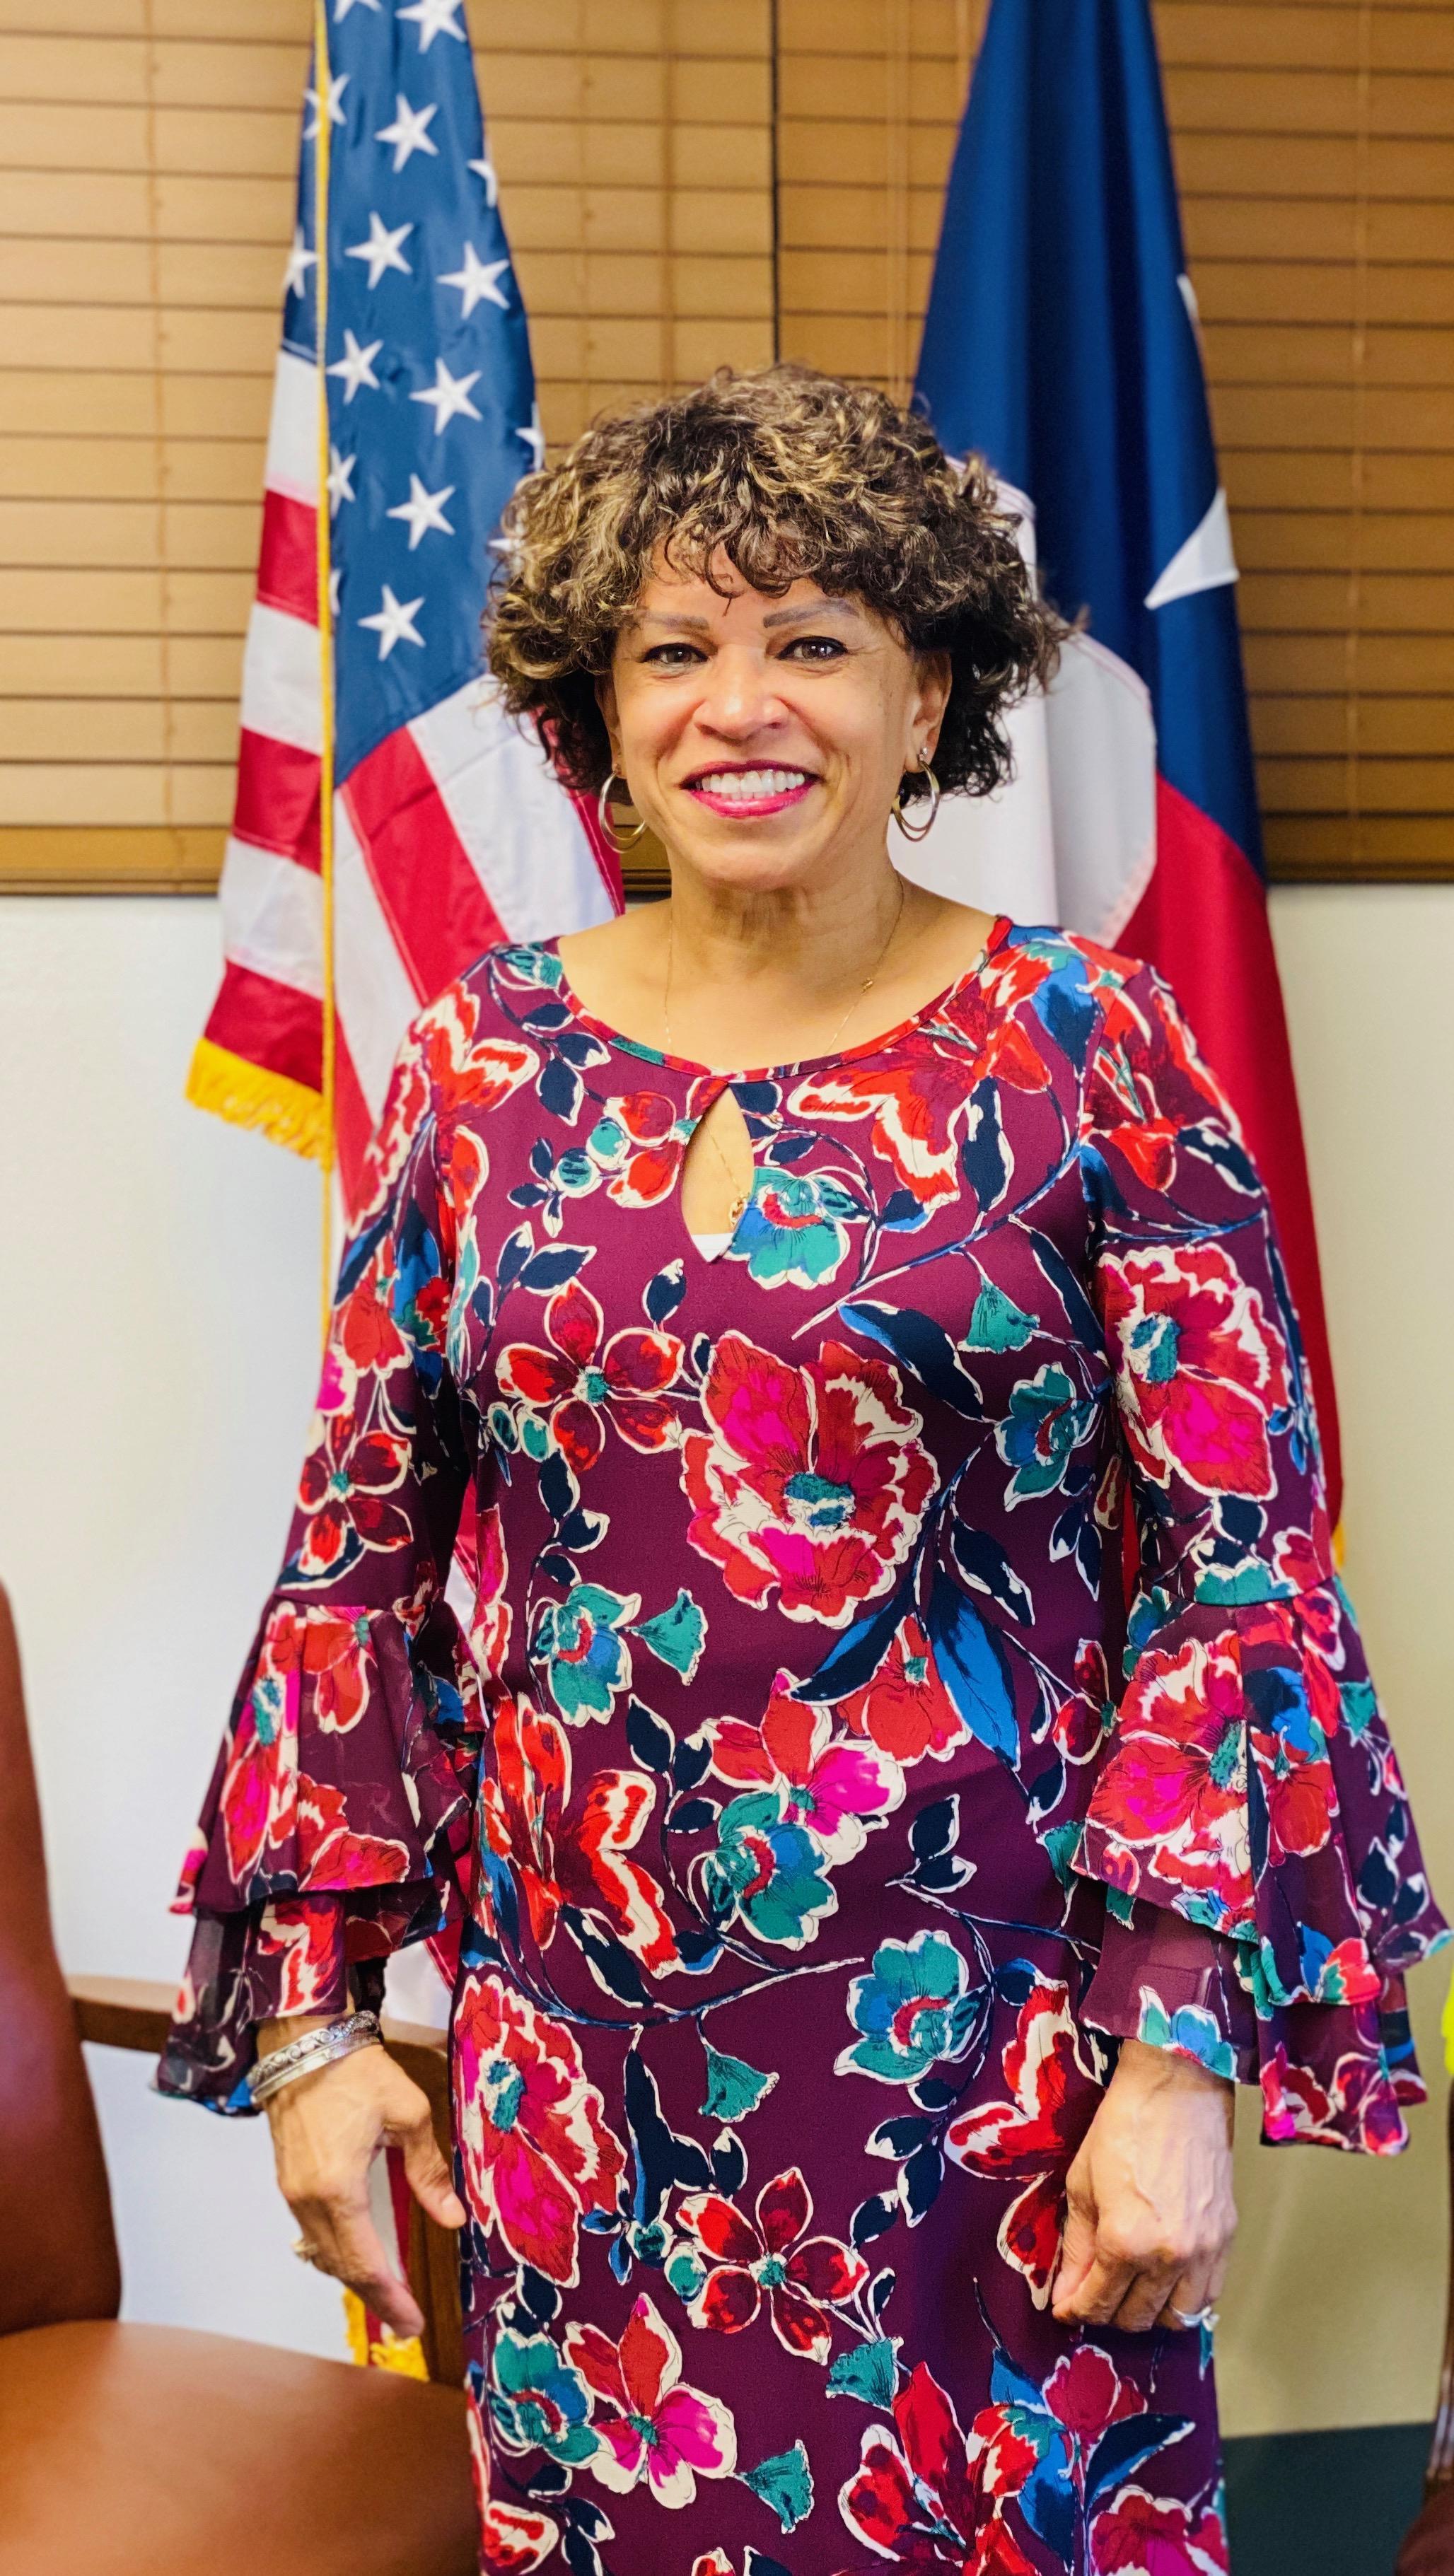 Glenda Solomon